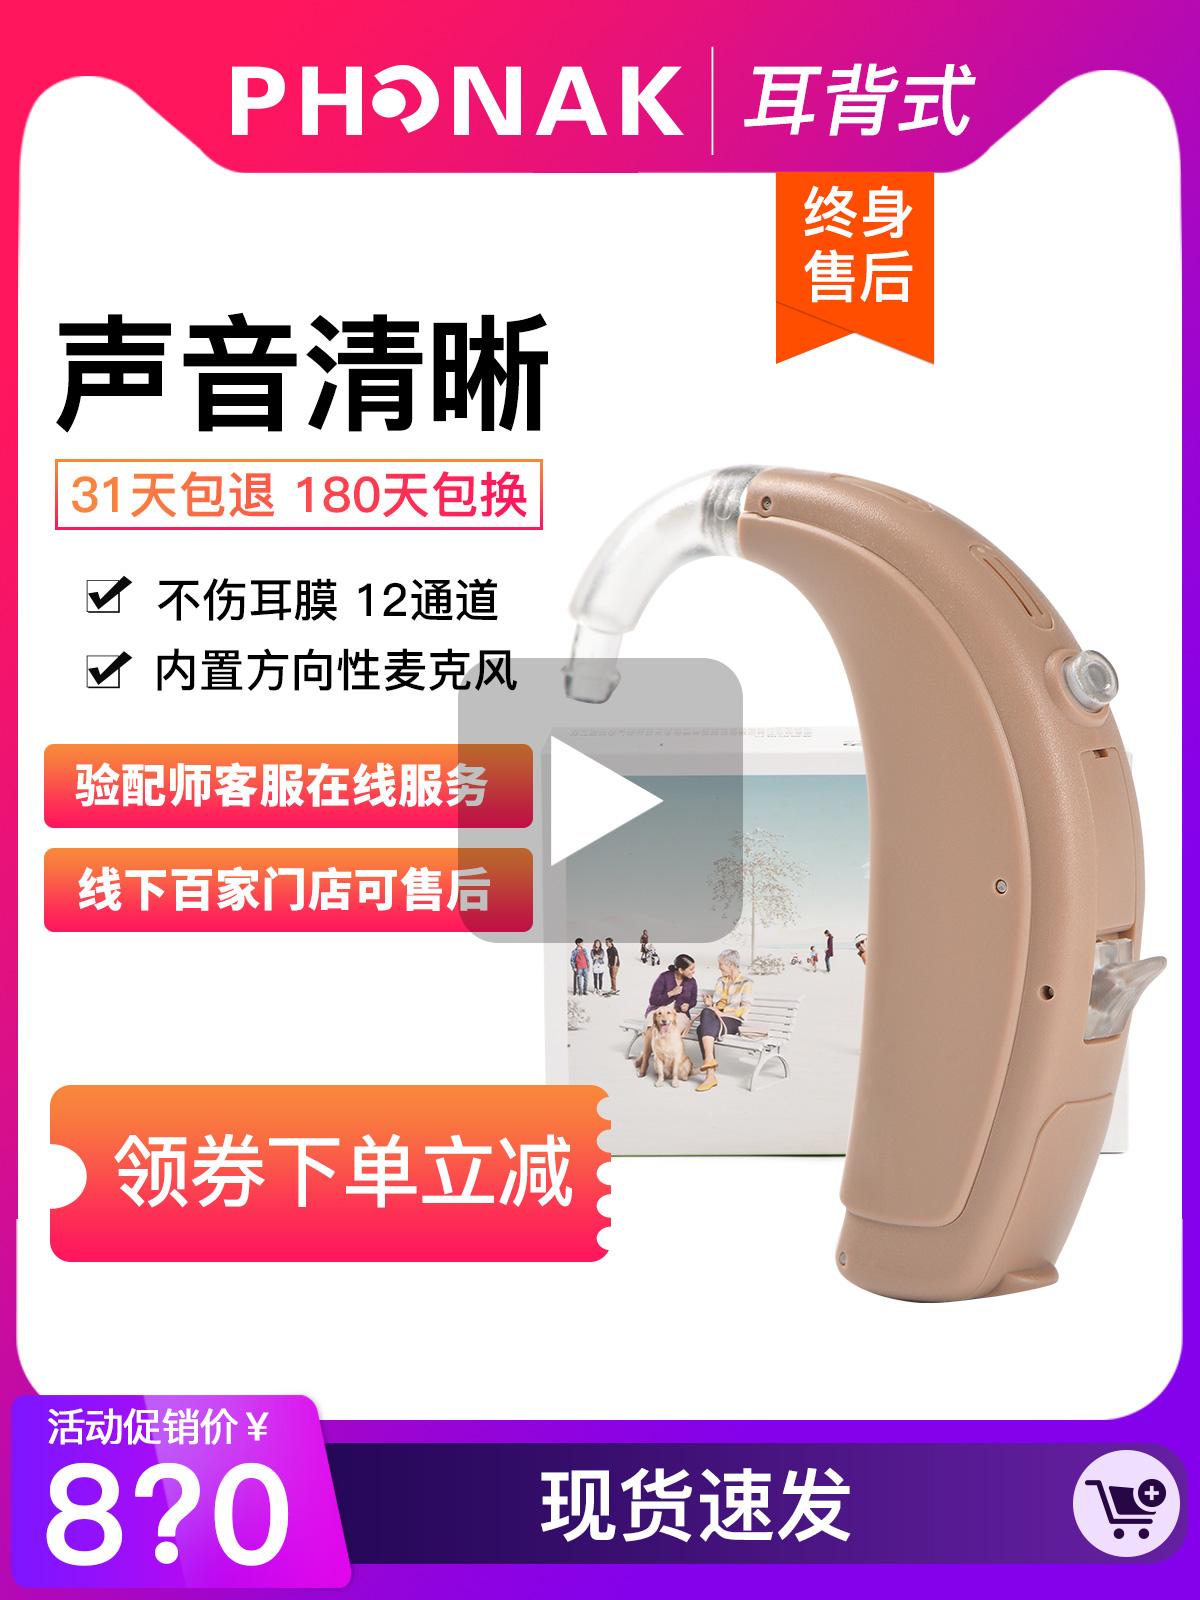 瑞士峰力助听器Q10-Q15无线隐形年轻人助听机老人耳聋耳背专用